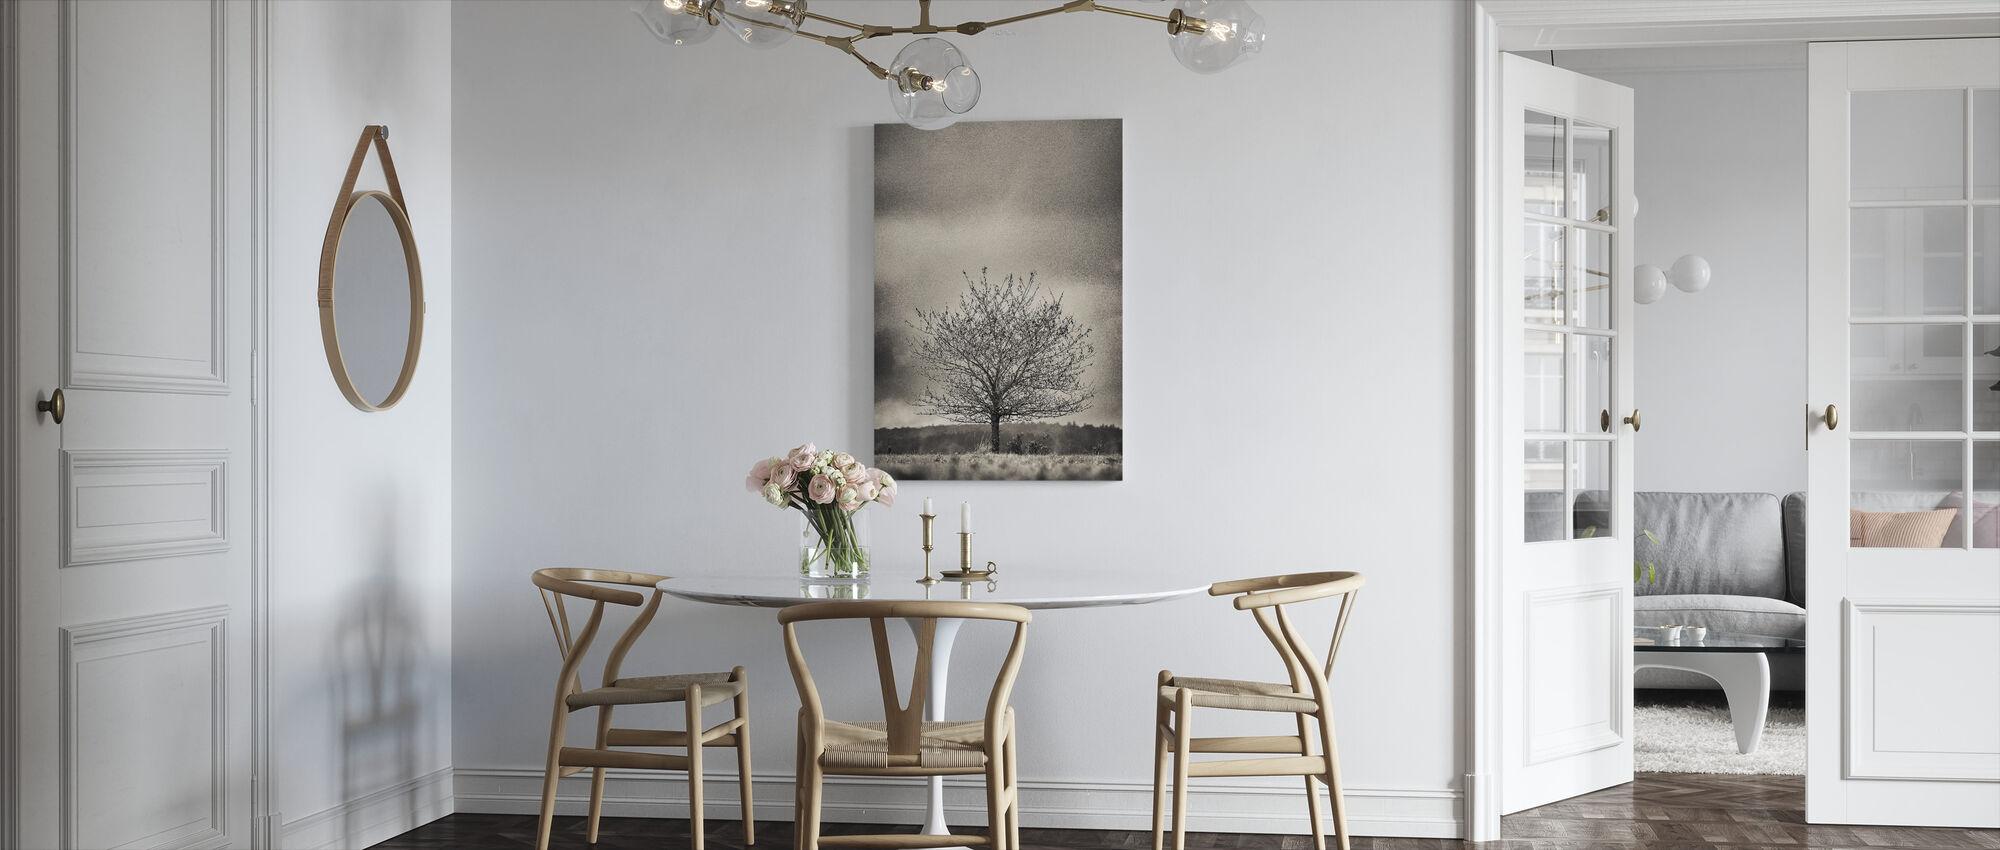 Boom in Halland - Zweden - Canvas print - Keuken